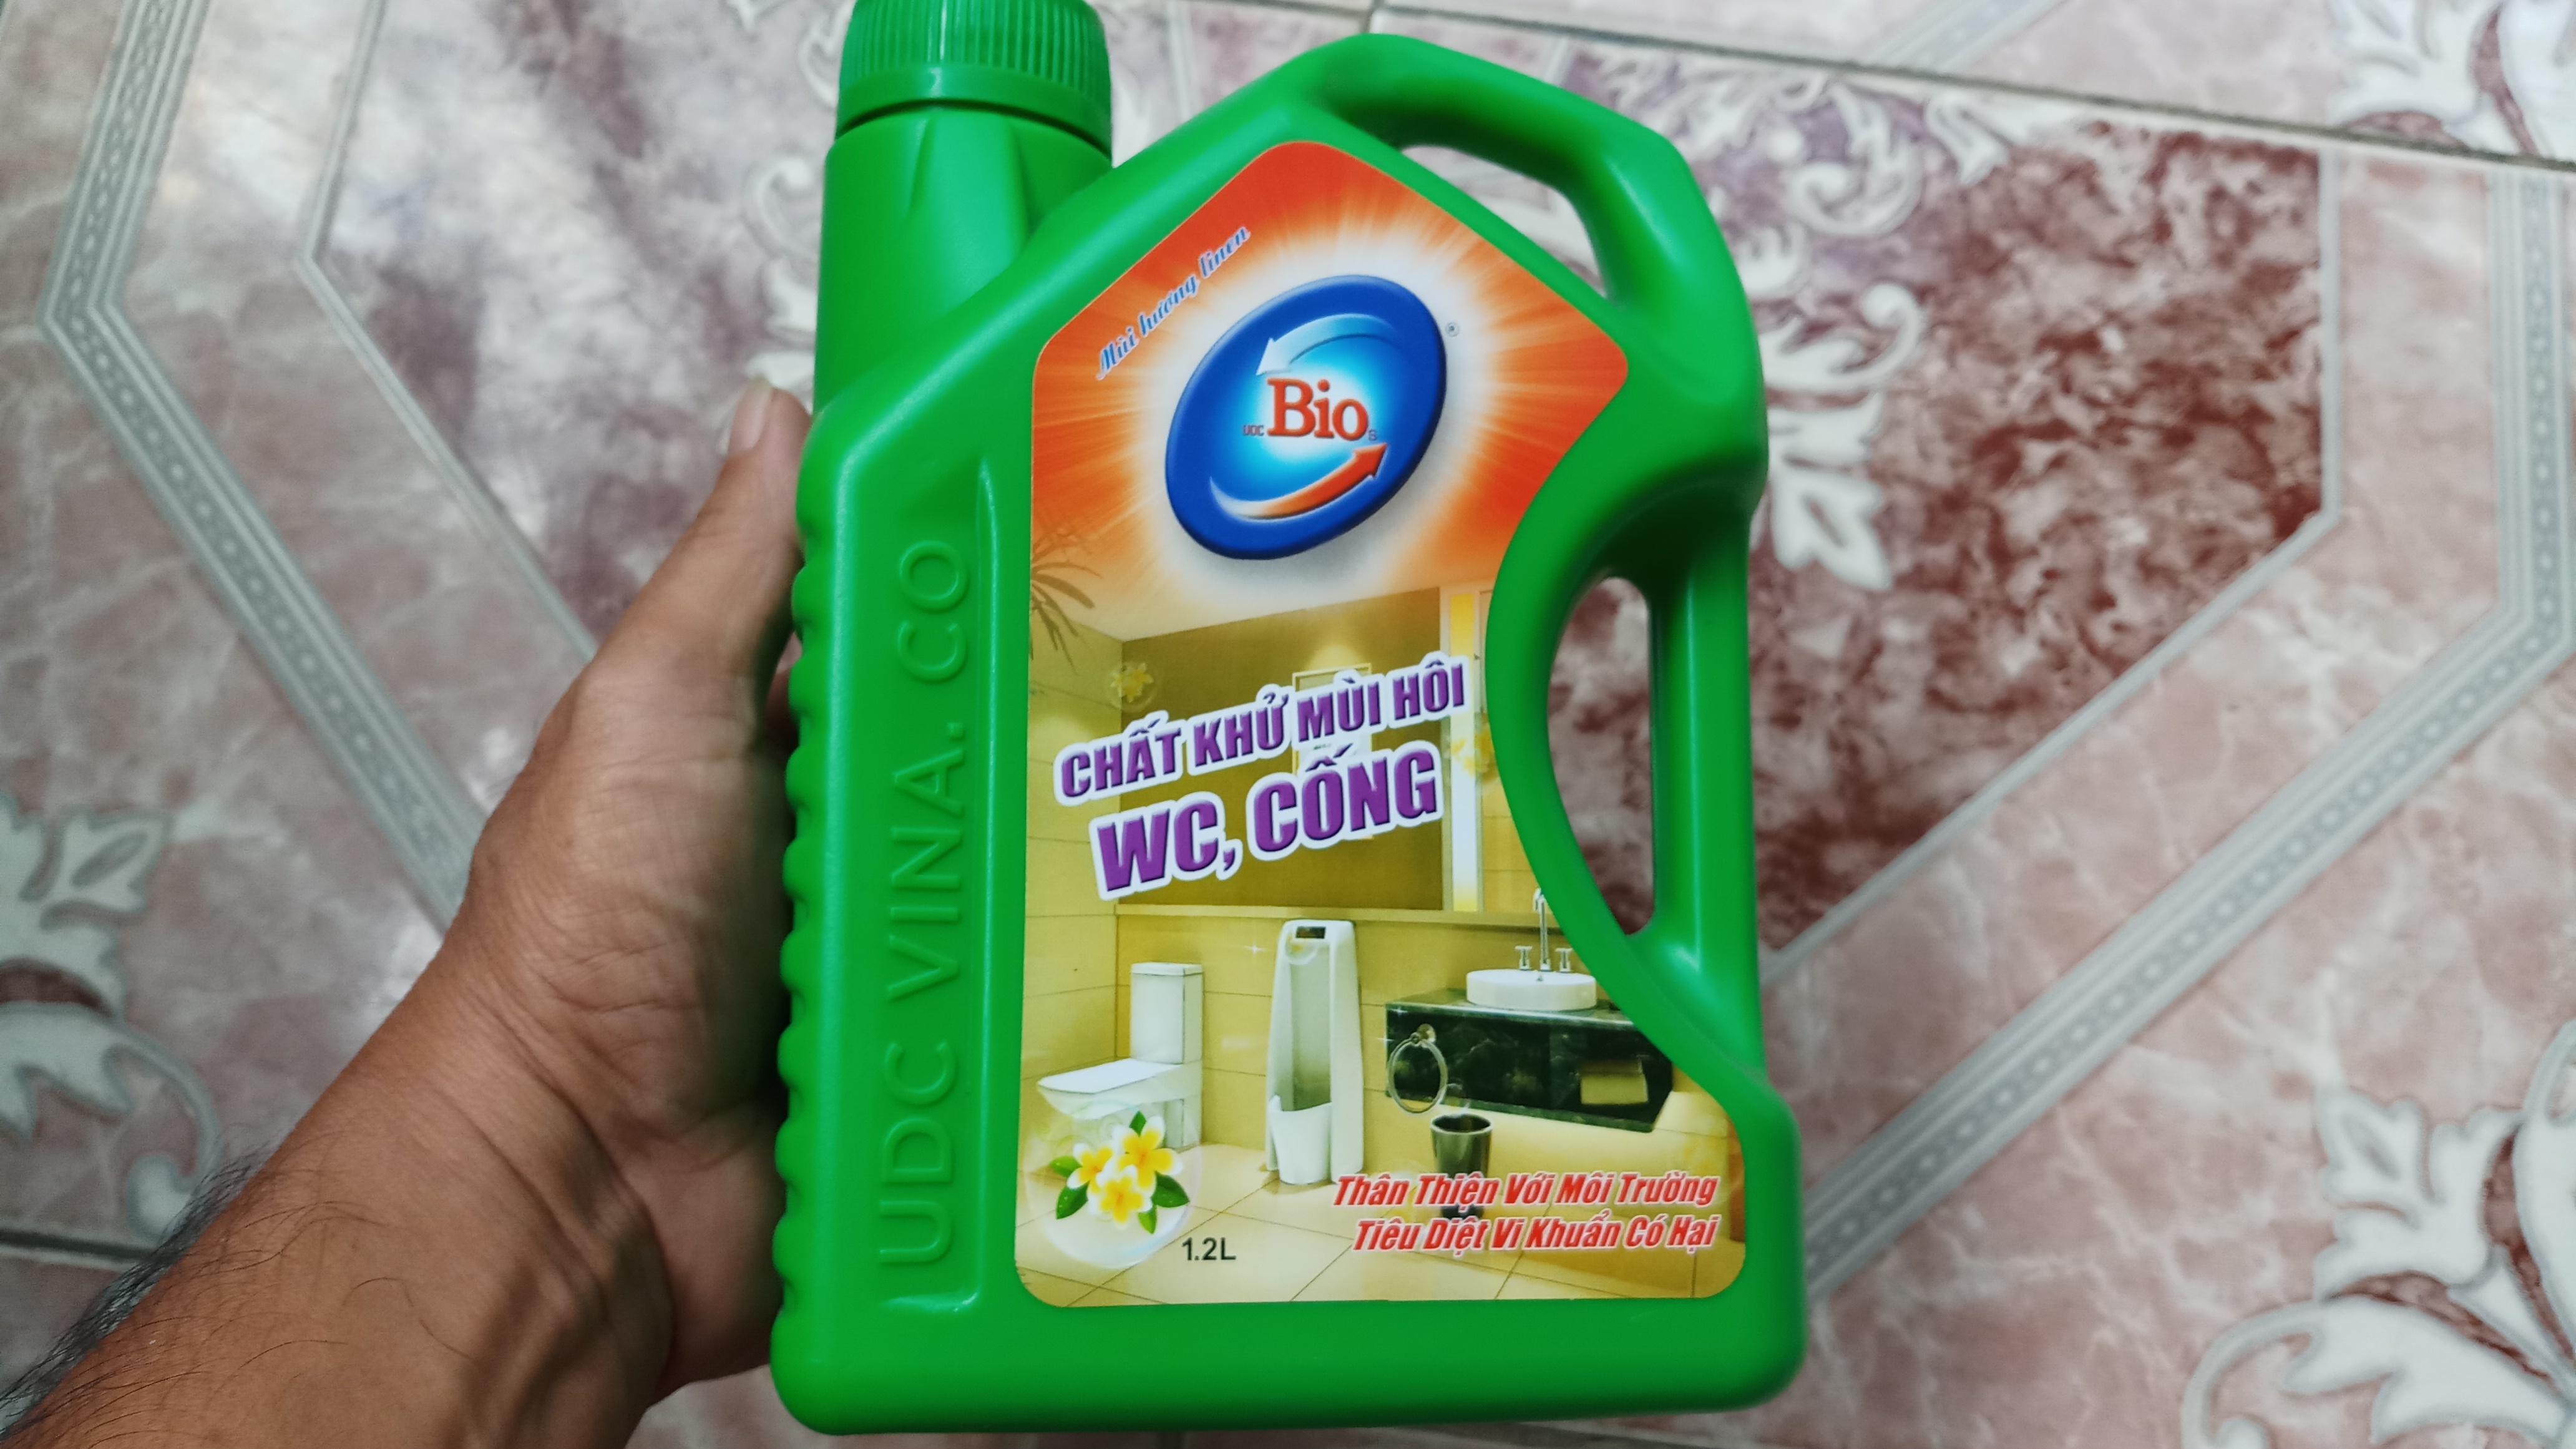 Tổng hợp 13 cách xử lý mùi hôi cống trong nhà vệ sinh hiệu quả nhất